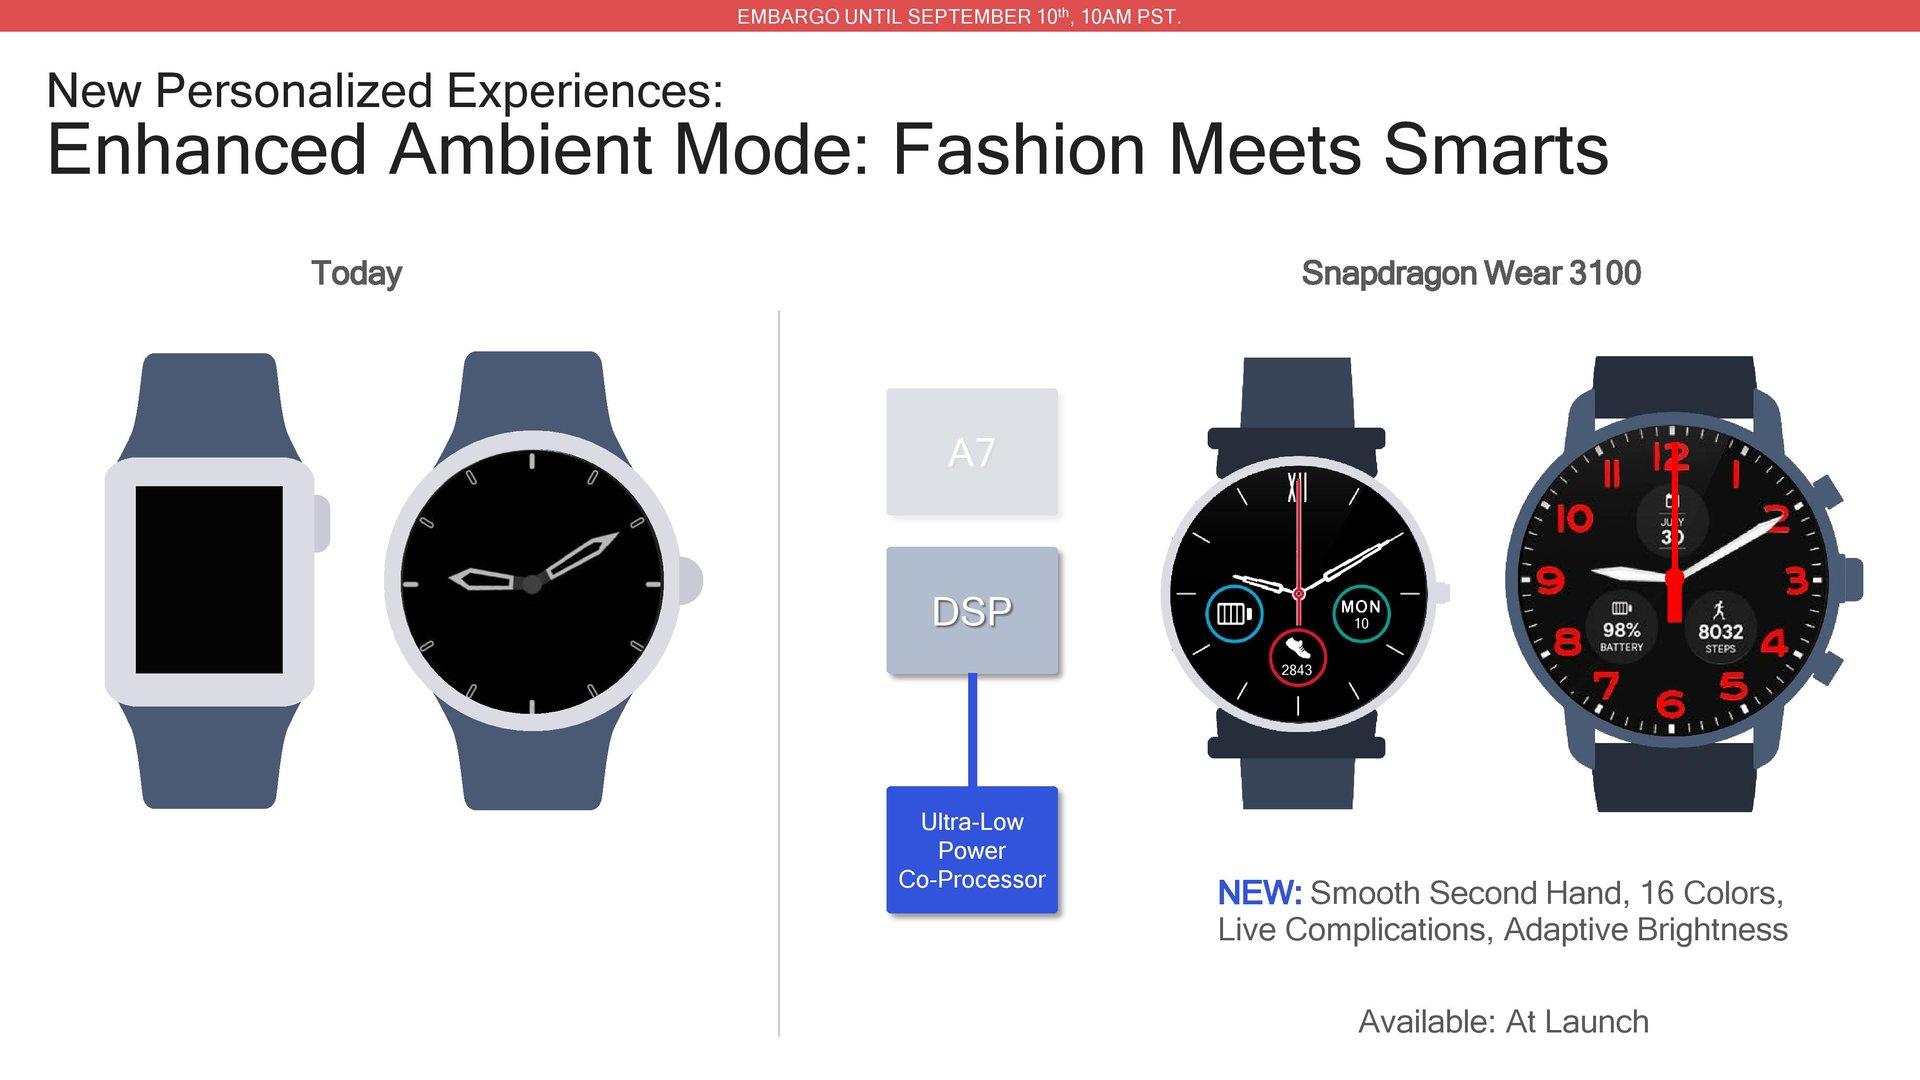 Neue Ambient-Modus für Uhren mit Snapdragon Wear 3100